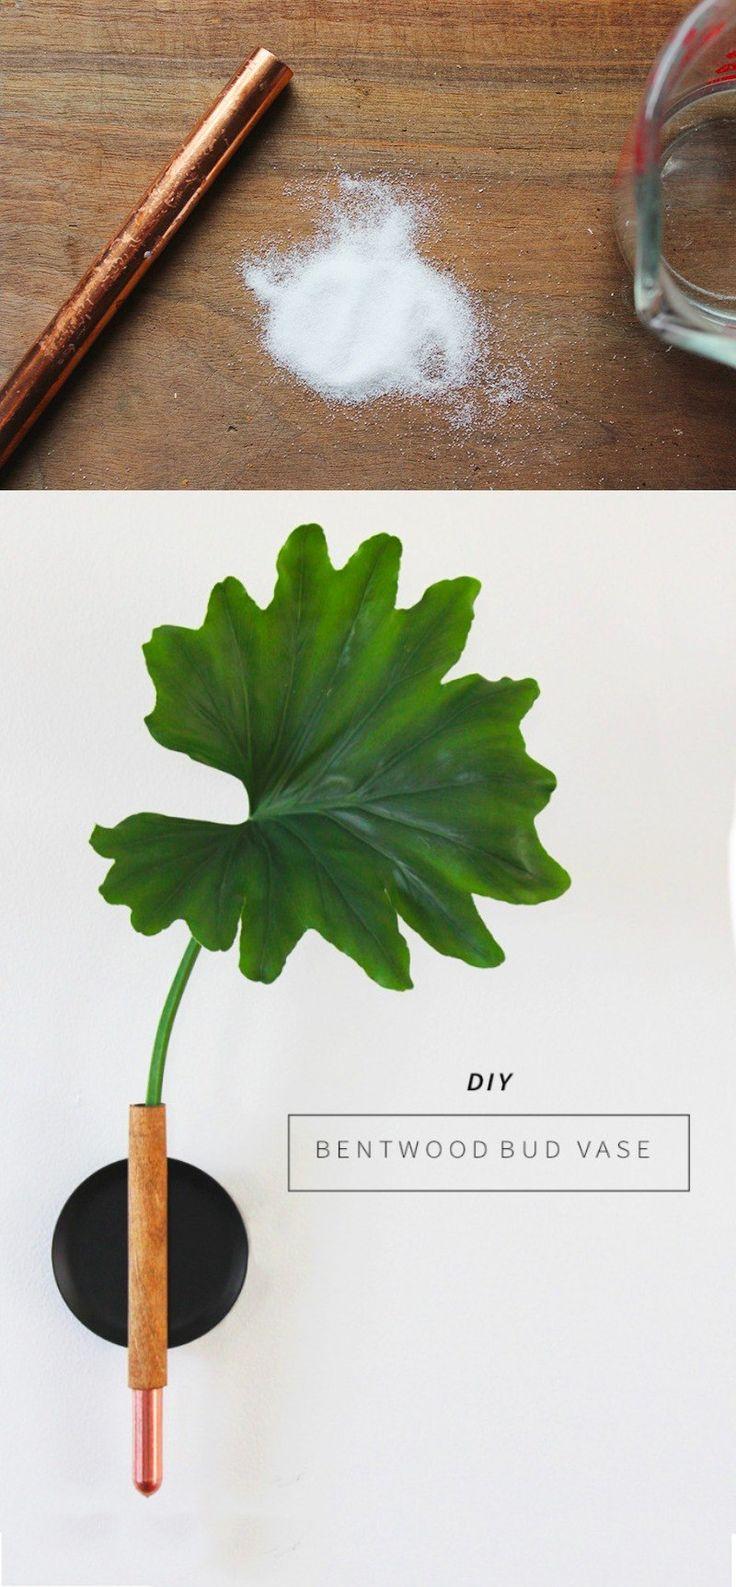 Florero con estilo minimalista - annabode.com - DIY Copper Bud Vase